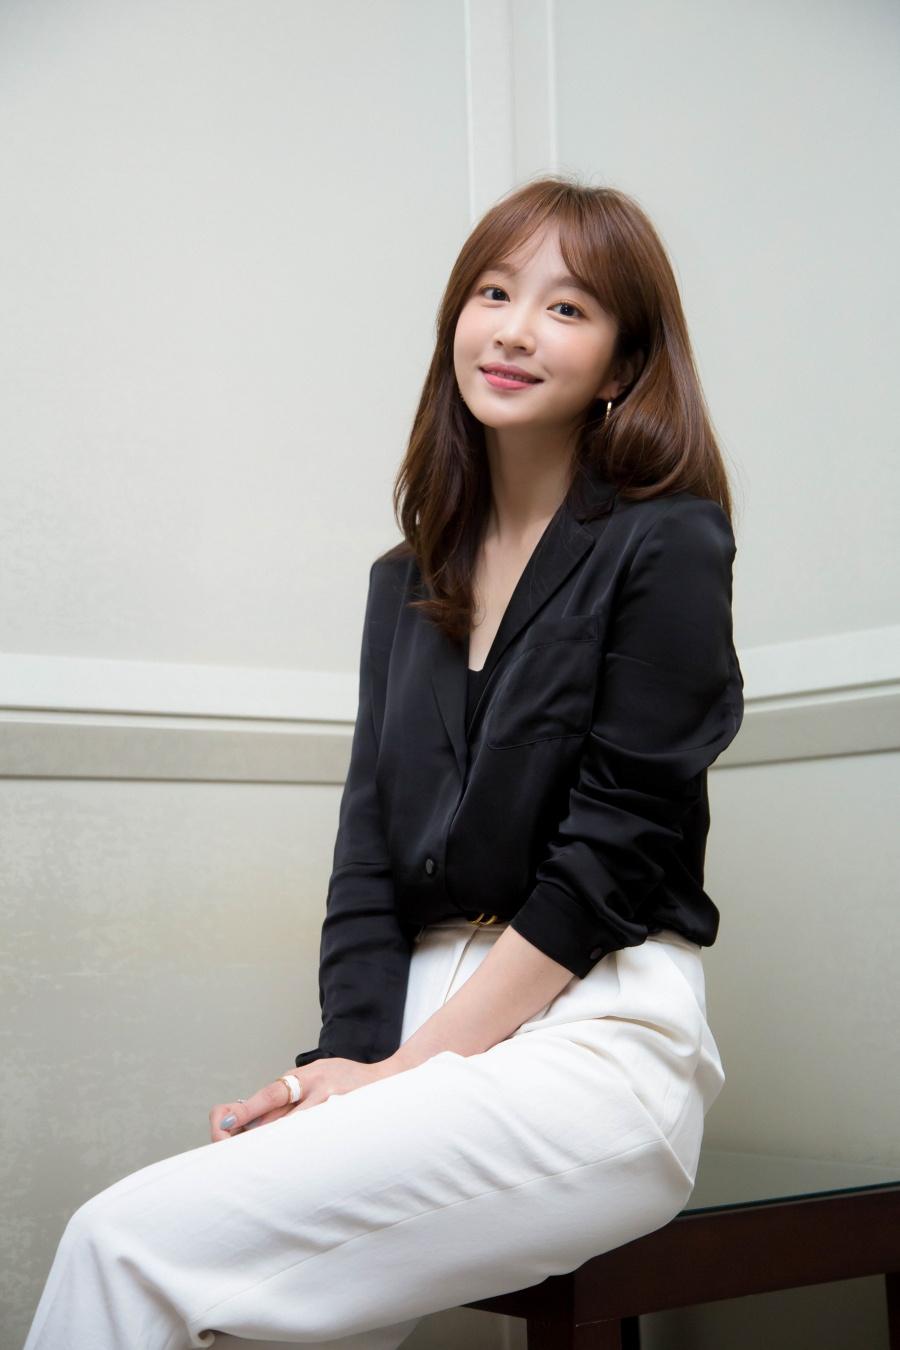 """안희연 """"브레이브걸스 데뷔 선배, 희망의 아이콘 같아 감사해"""" [인터뷰M]"""